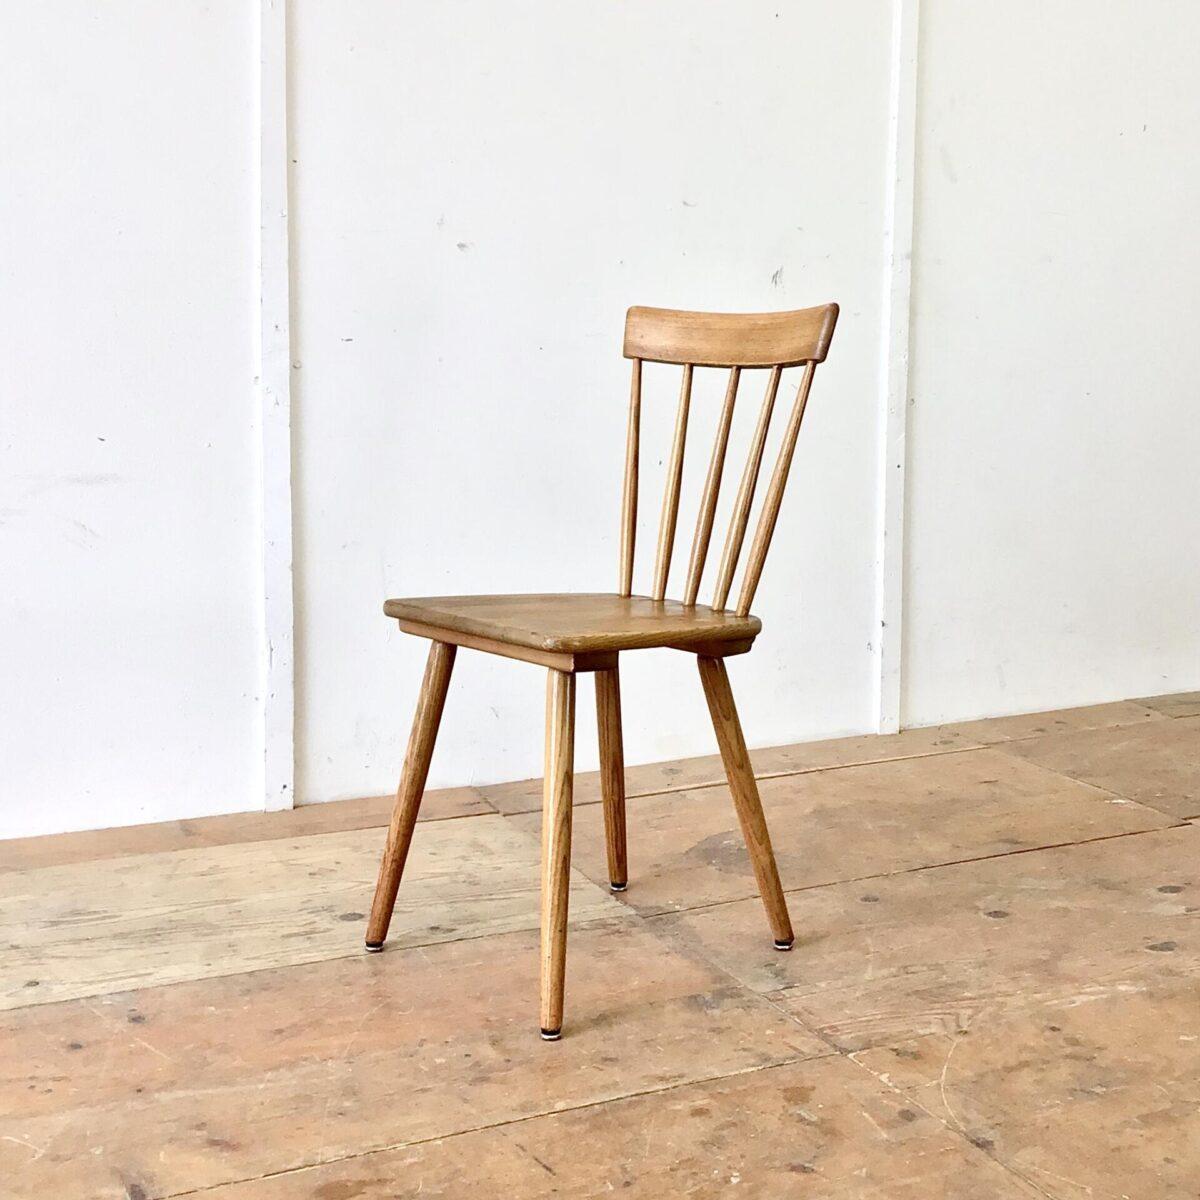 4er Set Sprossenstühle aus Eschenholz von Victoria Möbel. Sitzhöhe 45.5cm. Feingliedrige Bequeme Esszimmer Stühle (Stabellen). Eine schöne Abwechslung im Vergleich zu anderen Schweizer Holzstühlen, welche meistens aus Buchenholz sind.